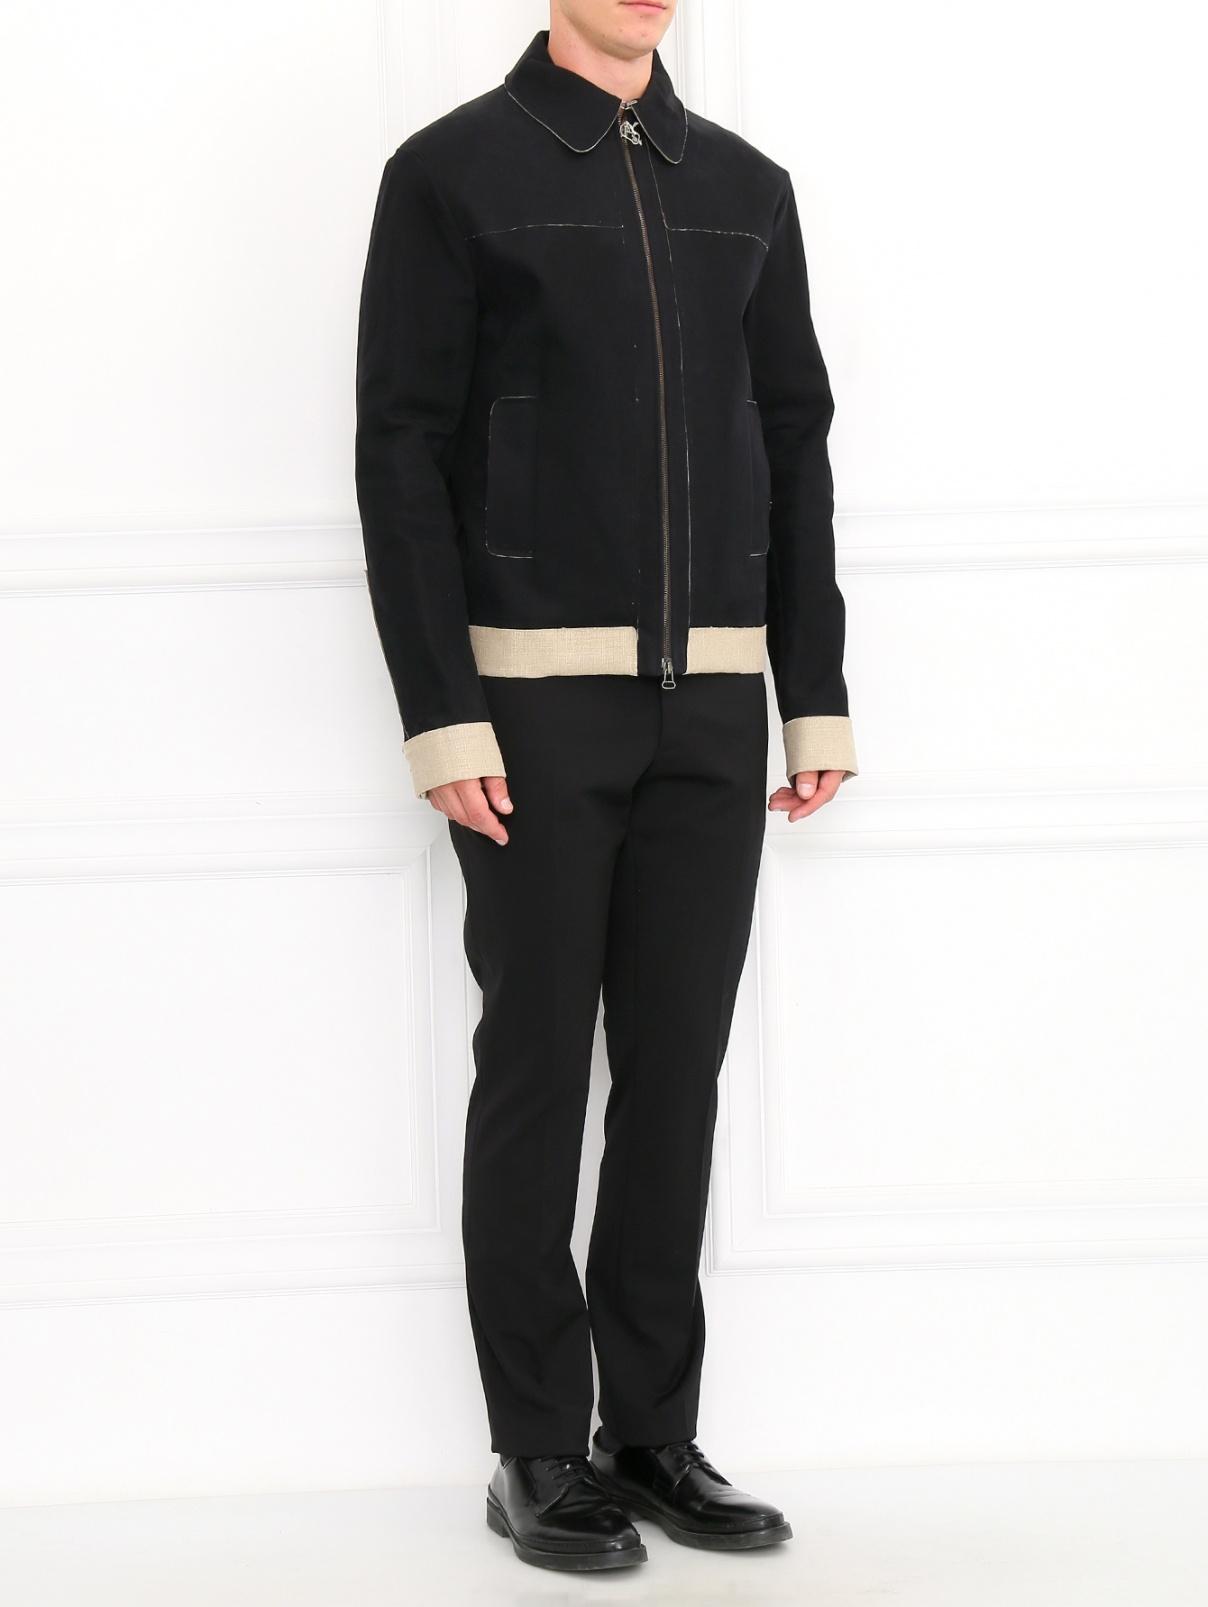 Куртка из шерсти и льна Antonio Marras  –  Модель Общий вид  – Цвет:  Черный